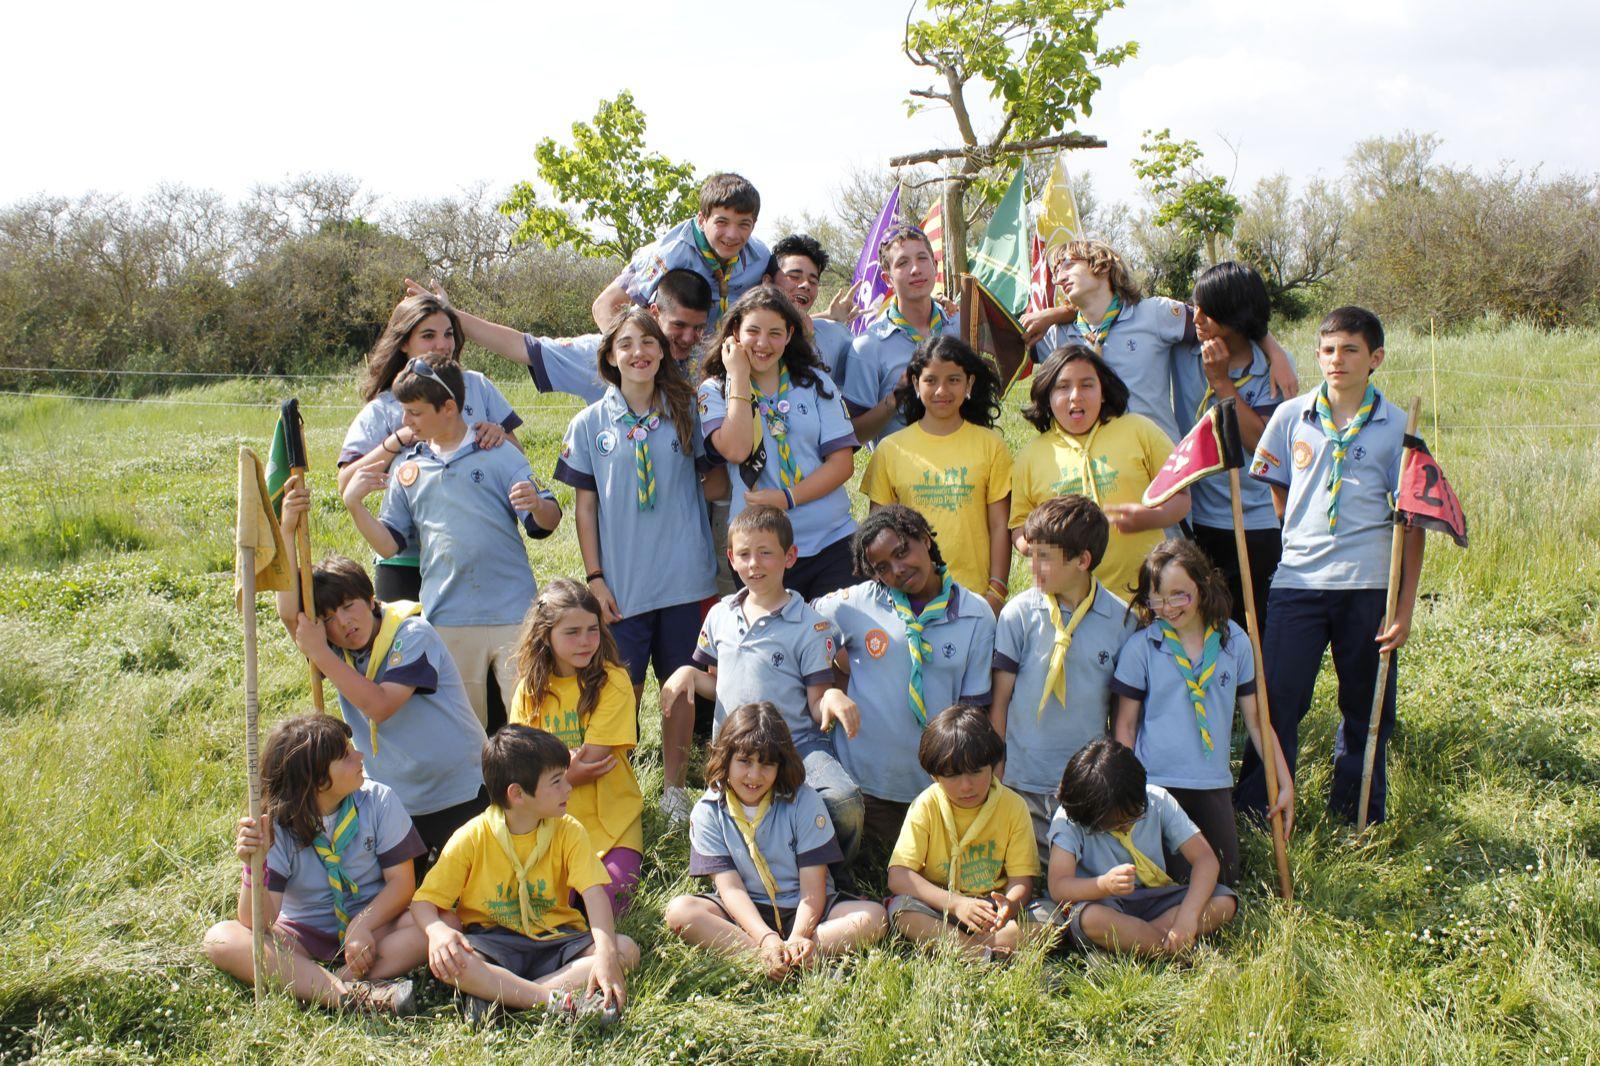 Campaments de Primavera de tot lAgrupament 2011 - _MG_3358.JPG